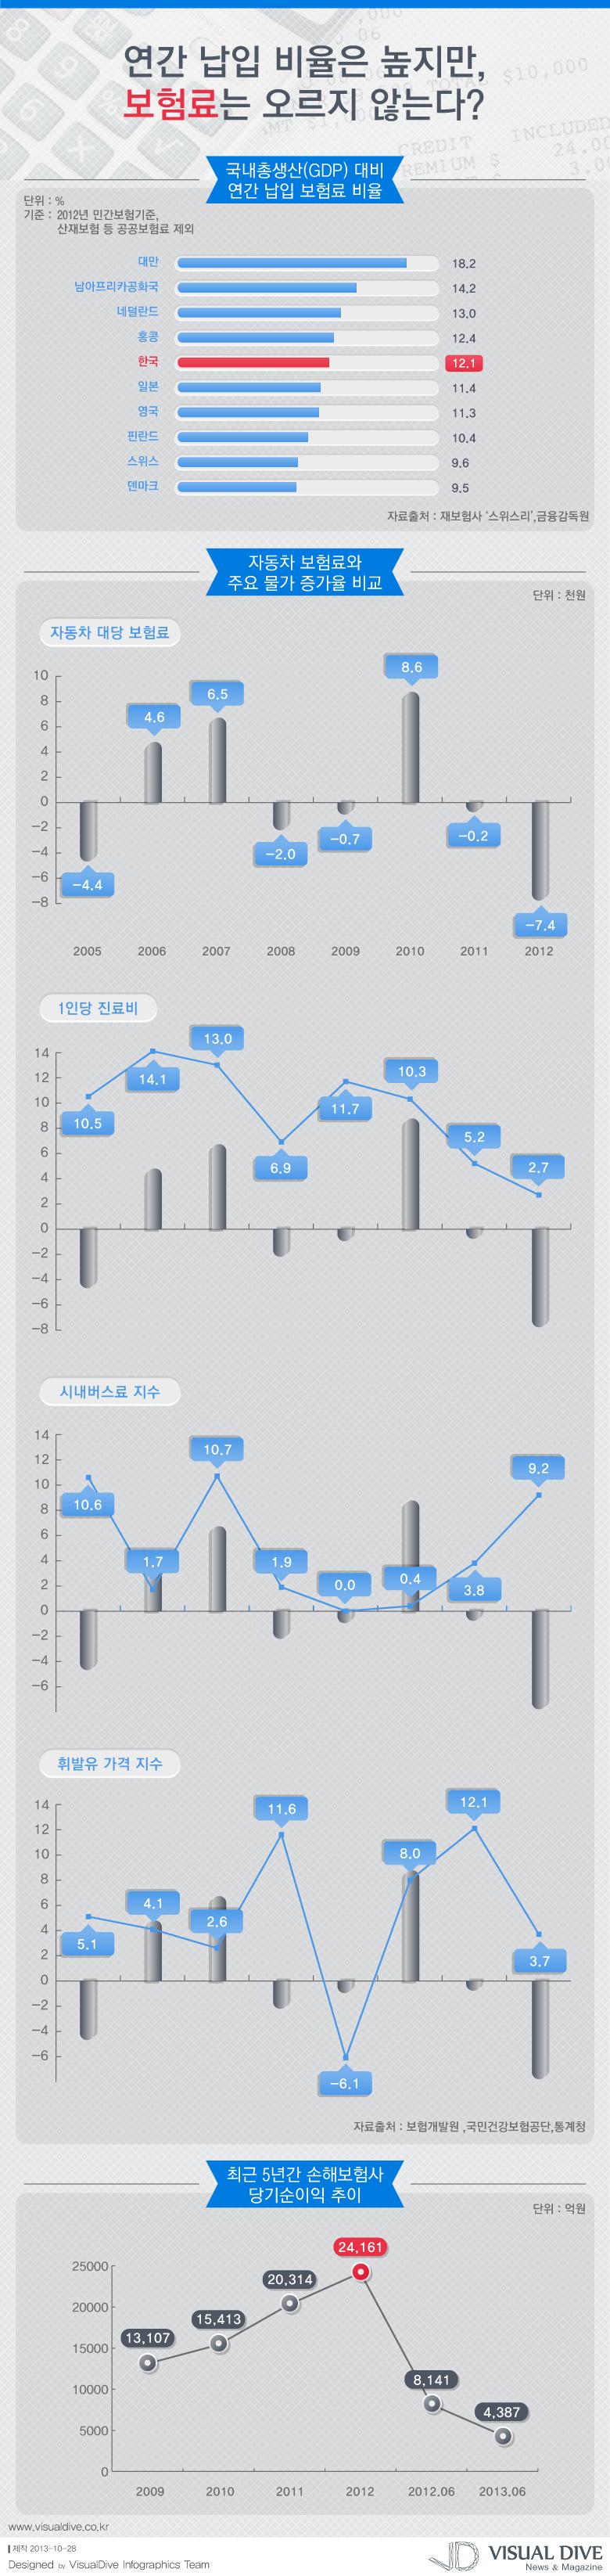 인포그래픽 금융당국 서민생활안정 위해 자동차 보험료 인상 안해 Price Infographic 비주얼다이브 무단 복사 전재 재배포 금지 인포그래픽 자료실